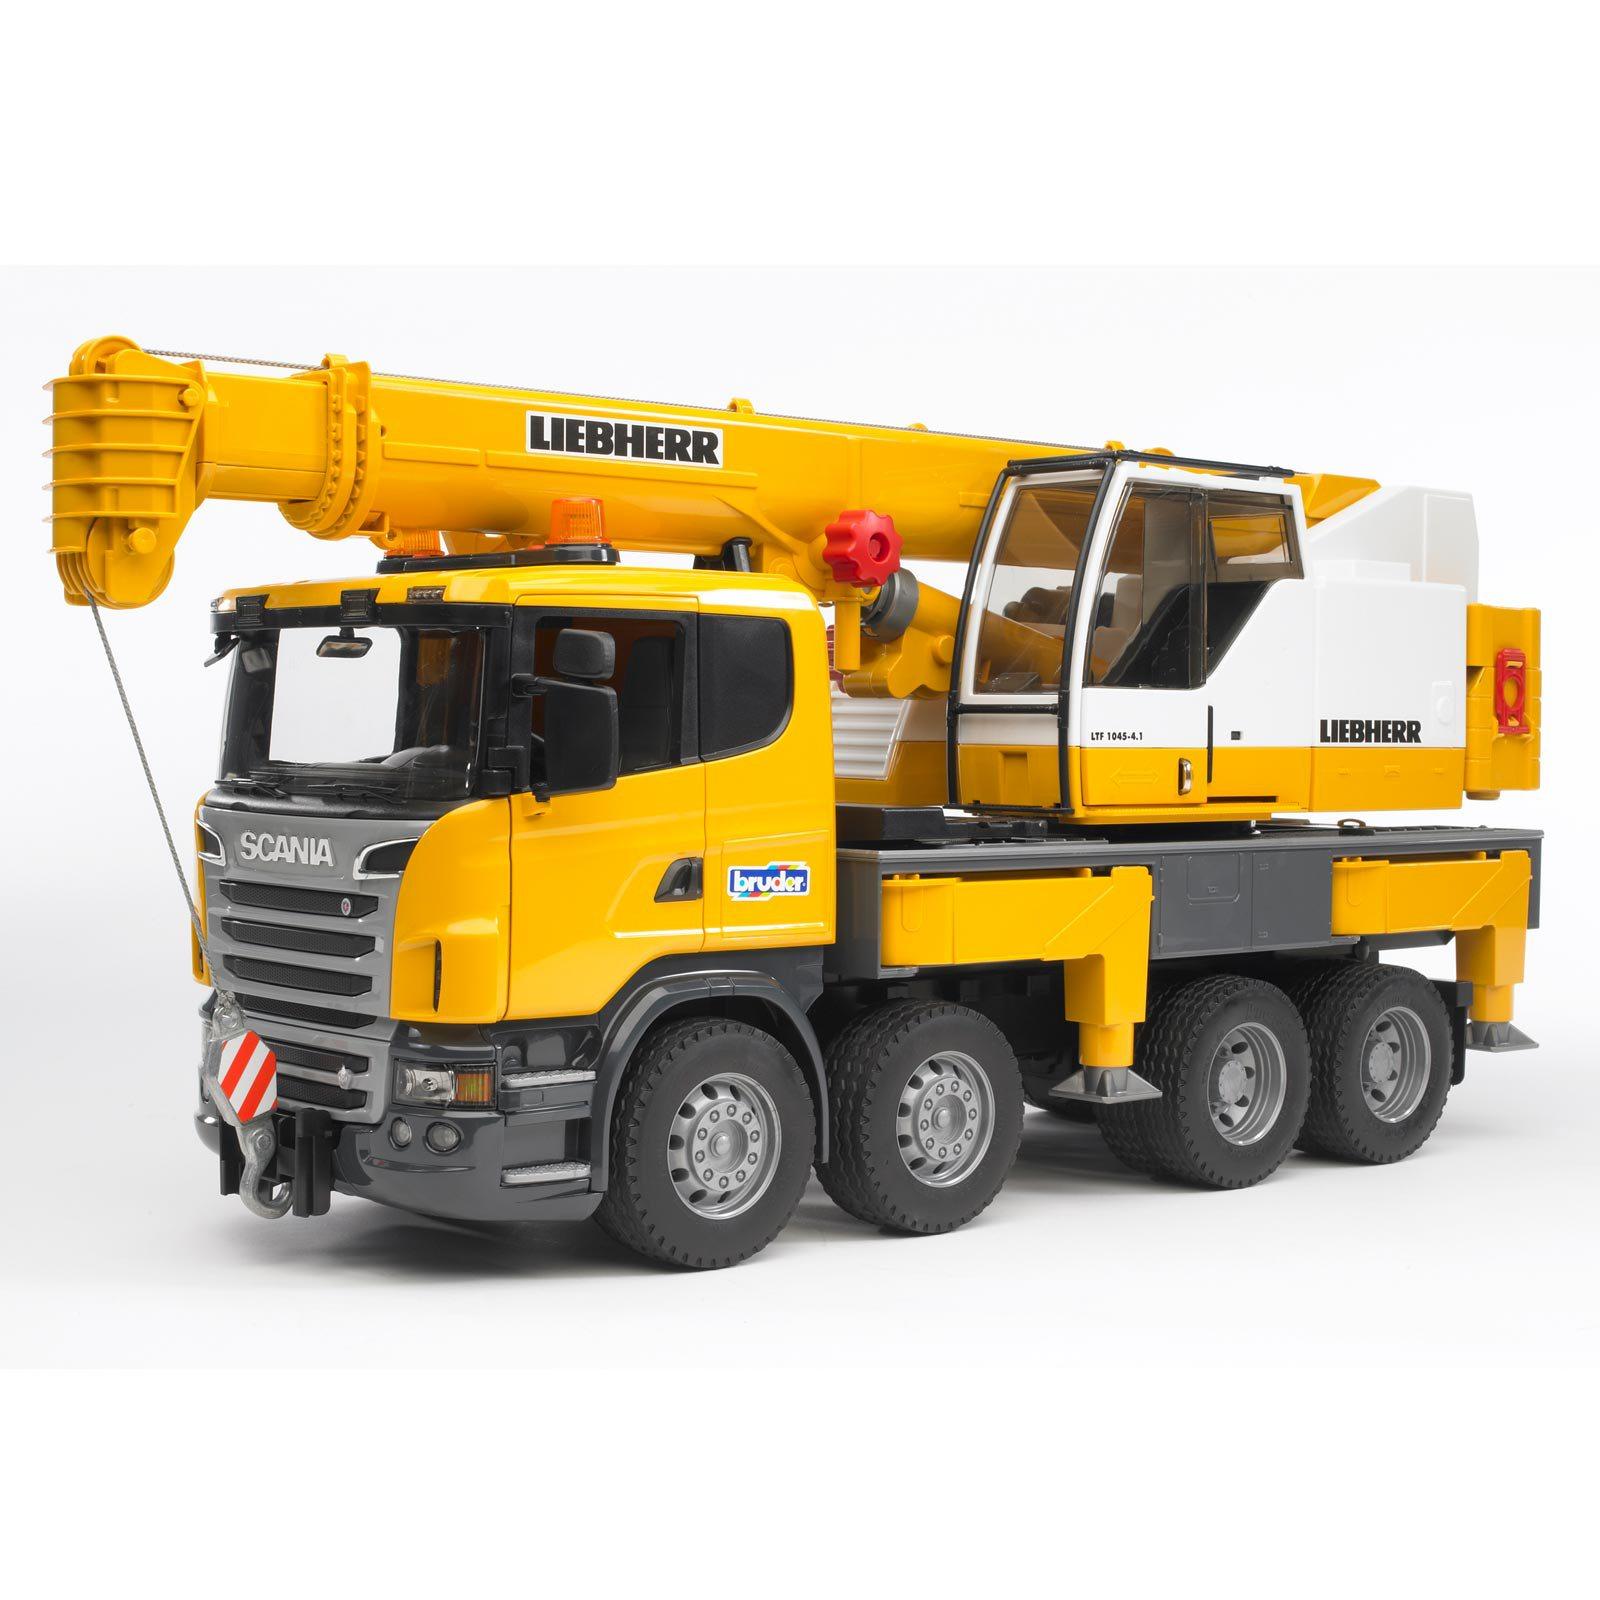 Scania R-série Liebherr Camion camion